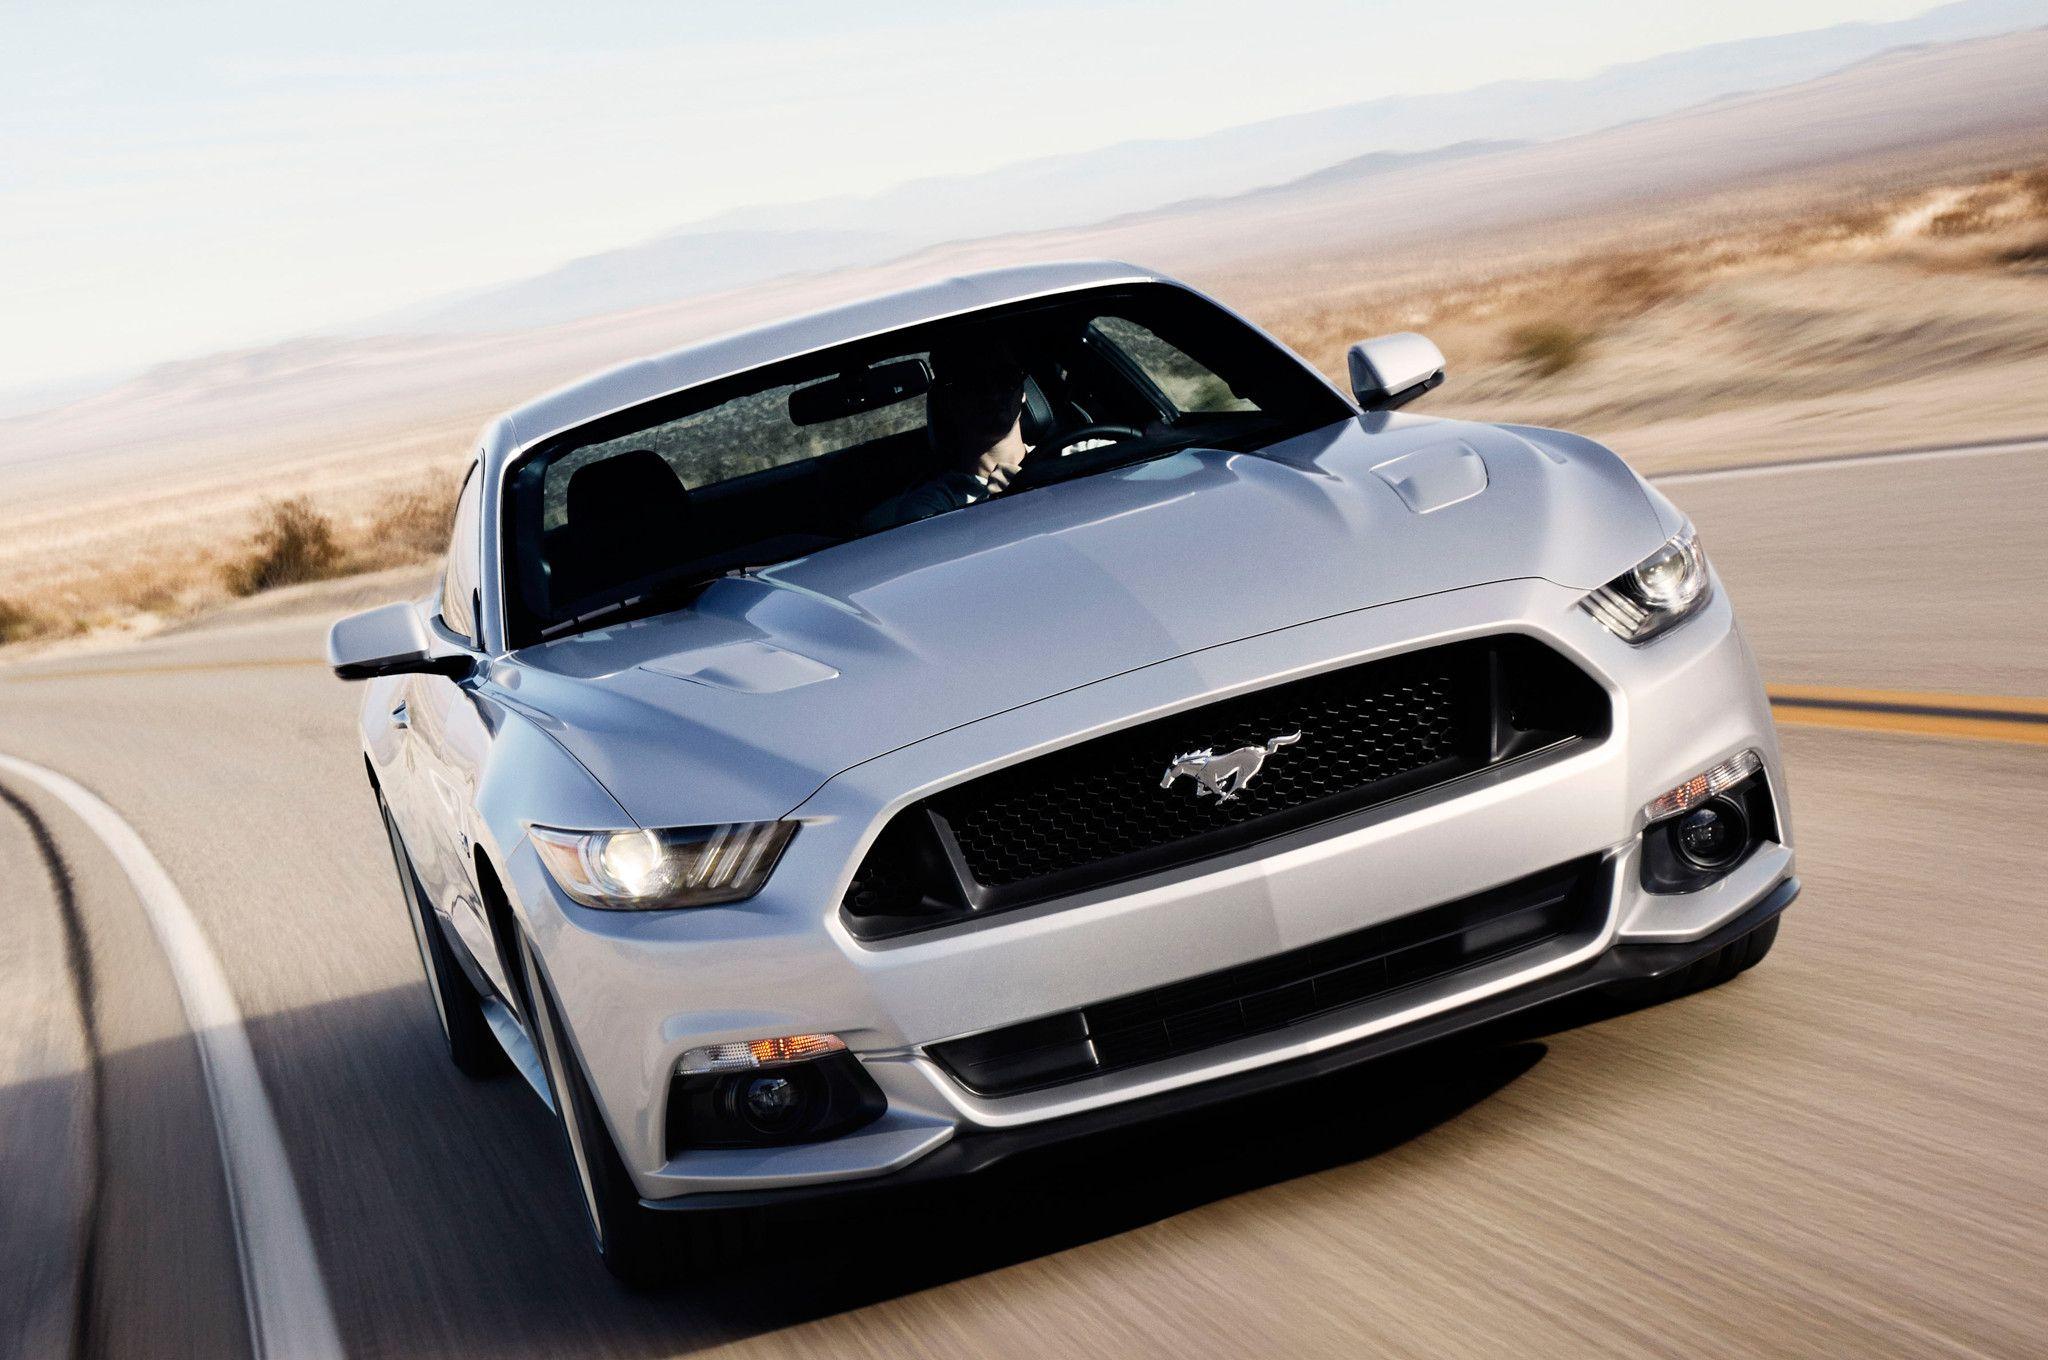 2015 Mustang Gt Wallpapers 2048x1360